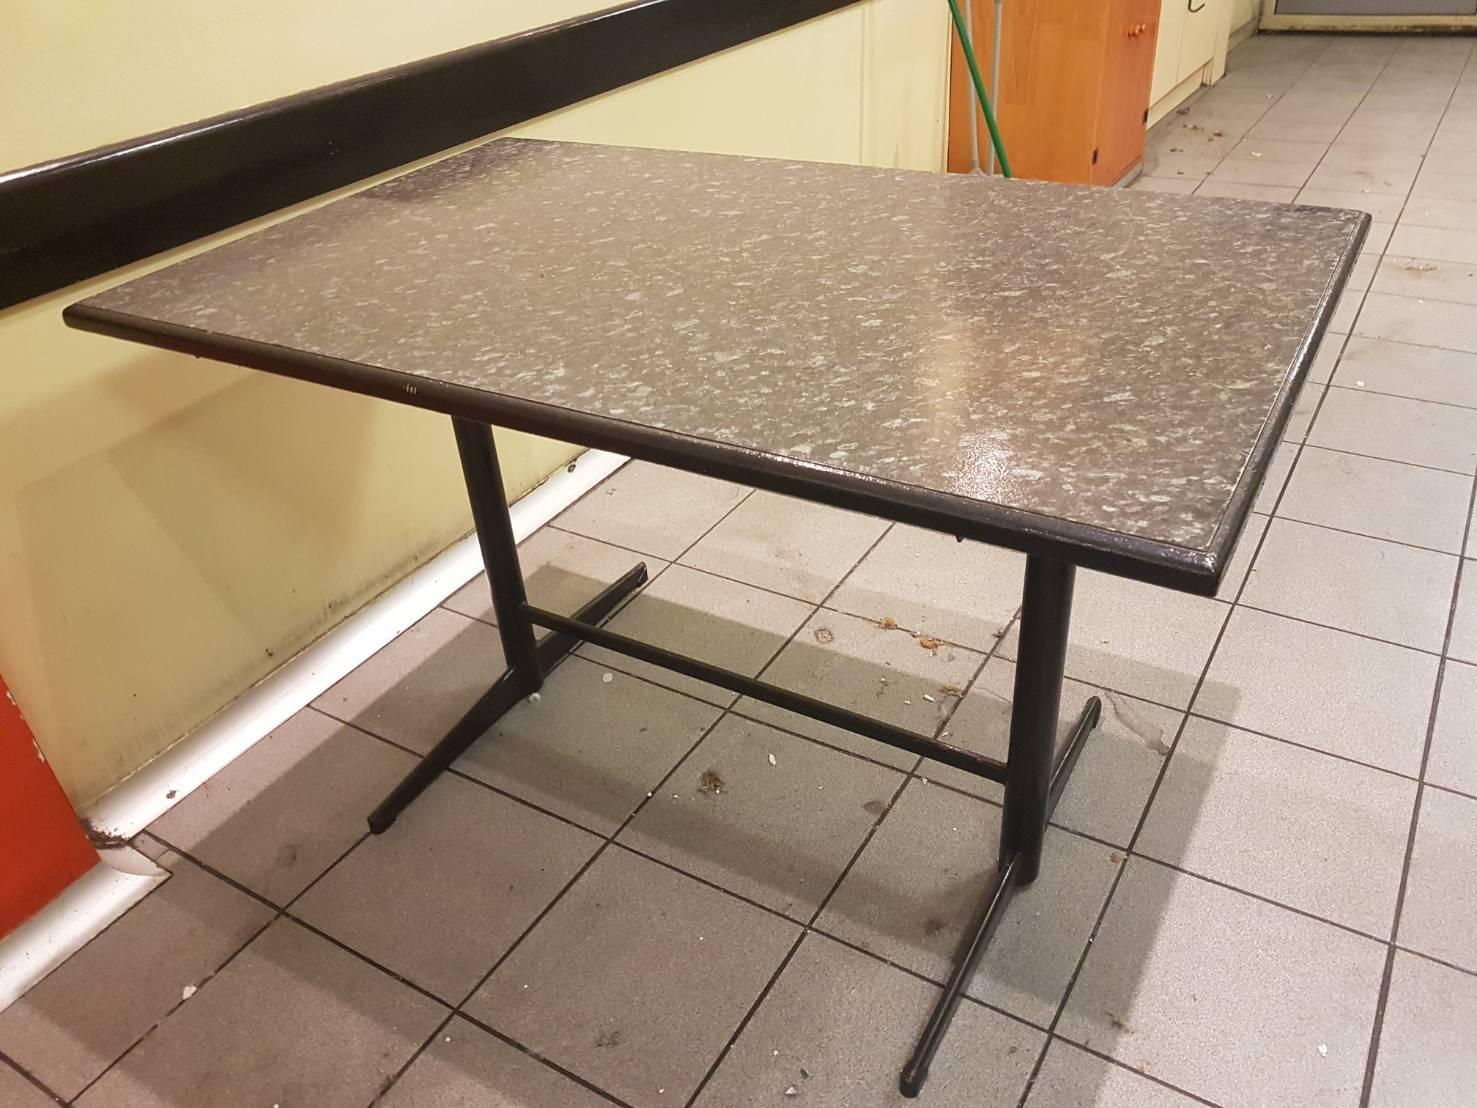 โต๊ะขนาดกว้าง 120 ซม.